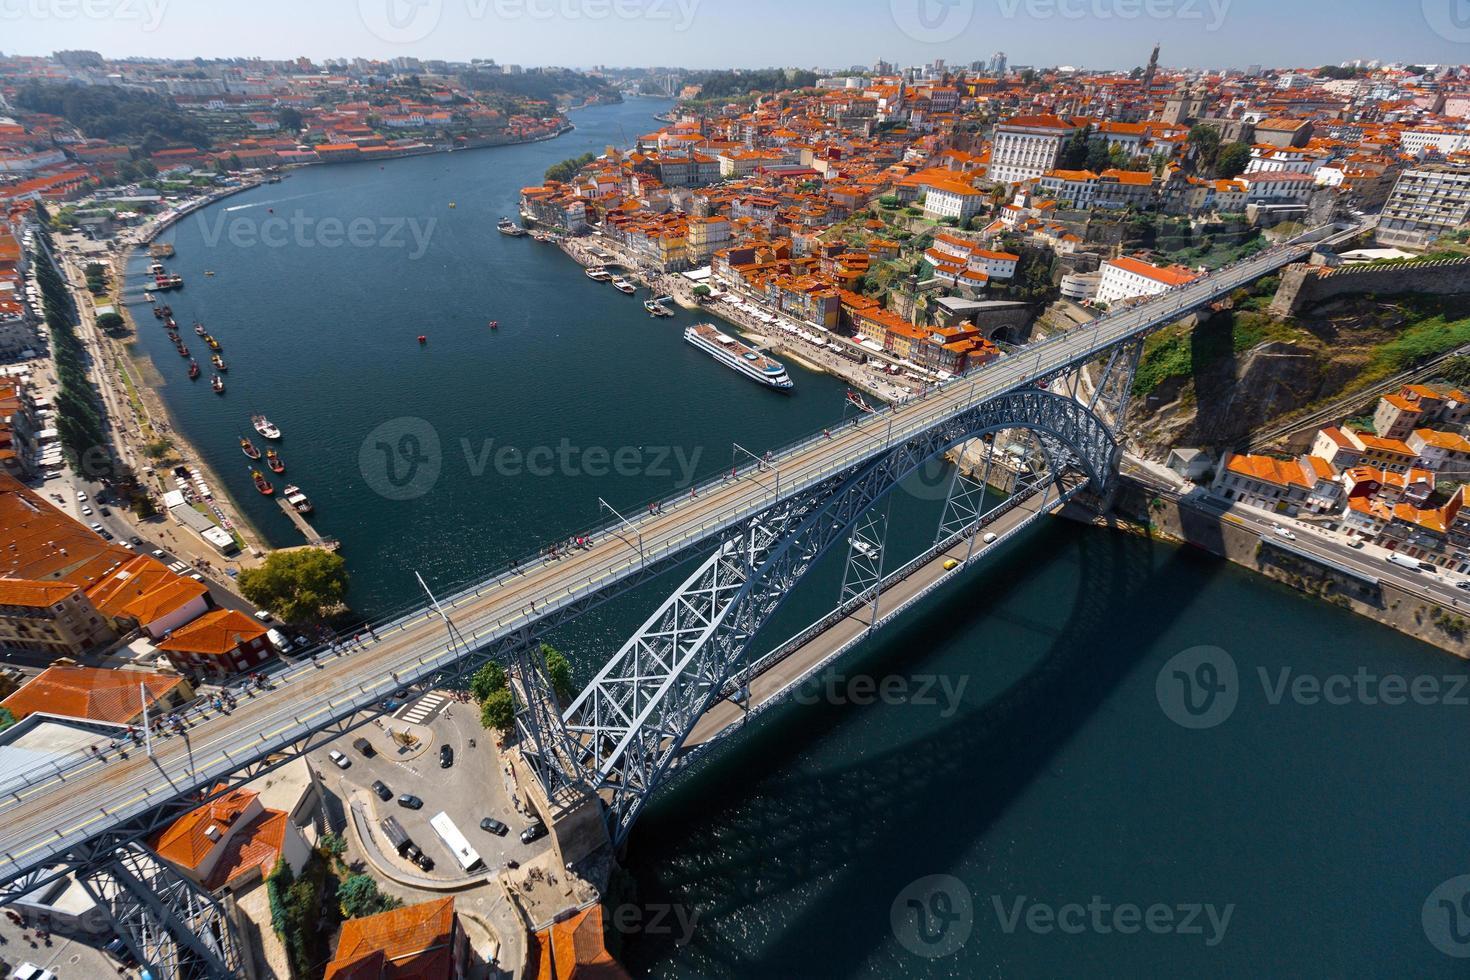 vue aérienne de la ville de Porto photo